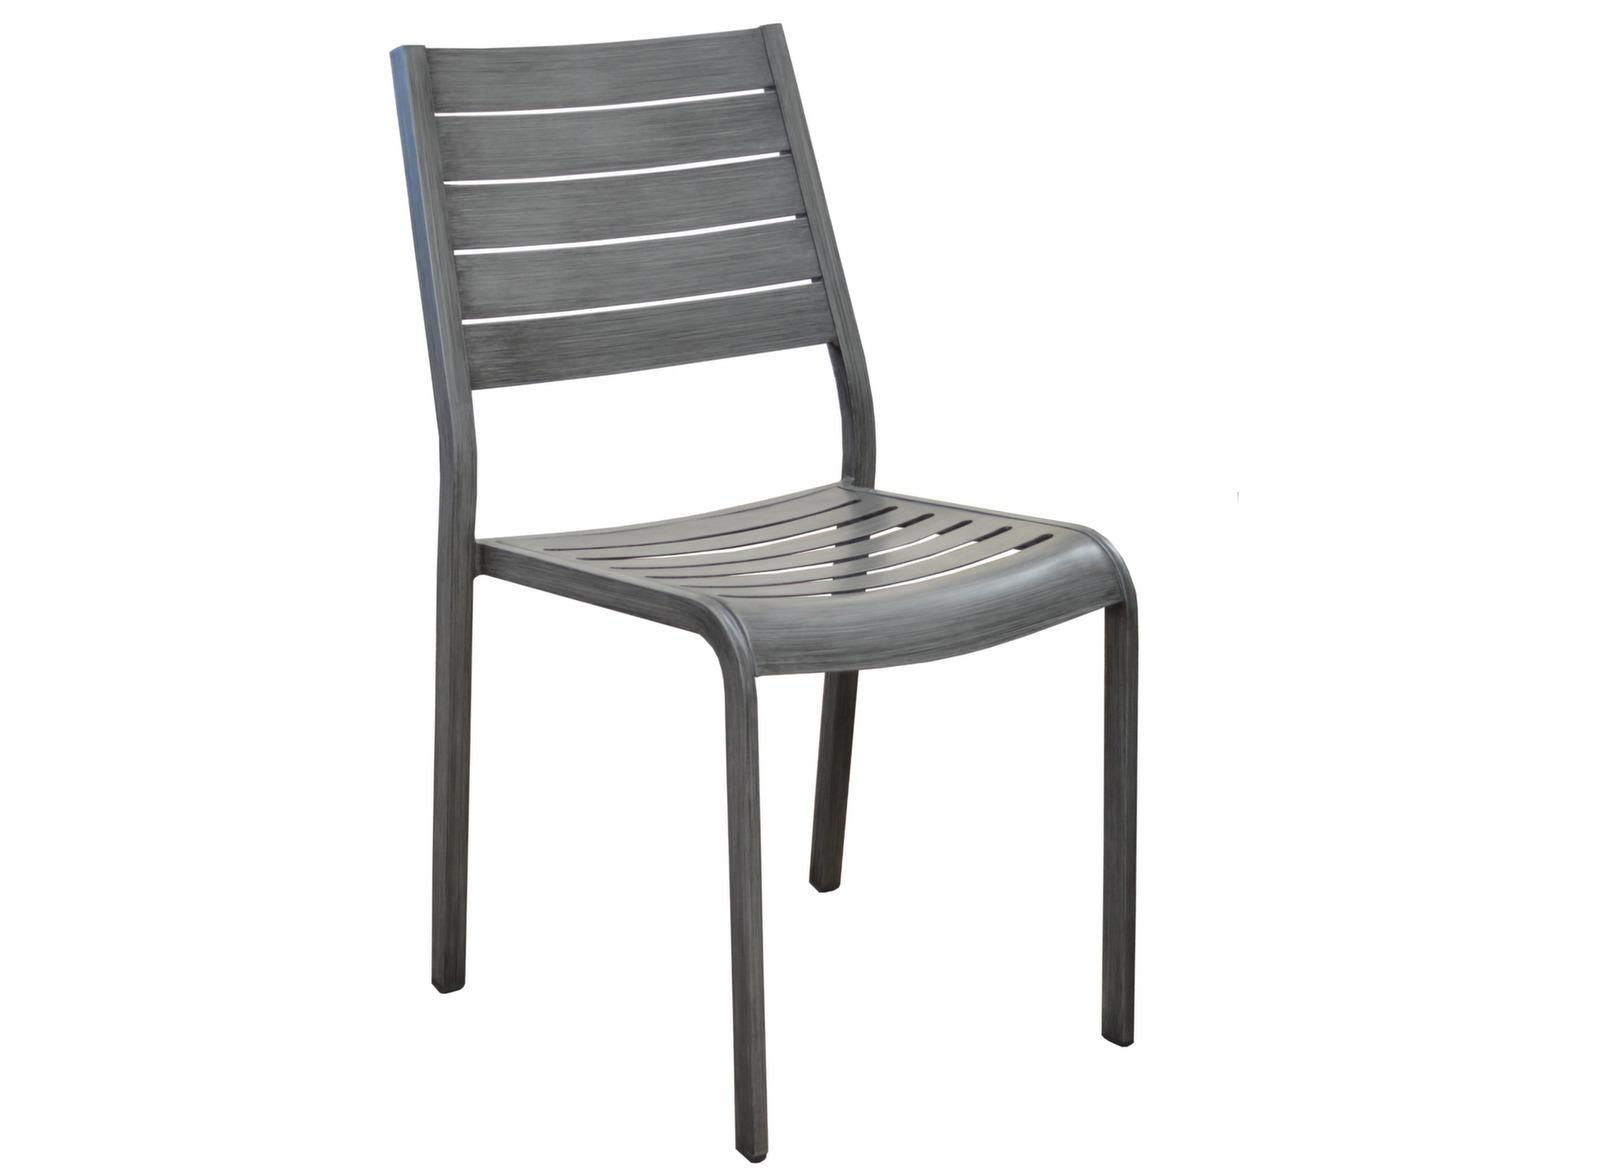 Chaise Flower (Finition Brush) à Chaise De Jardin Aluminium